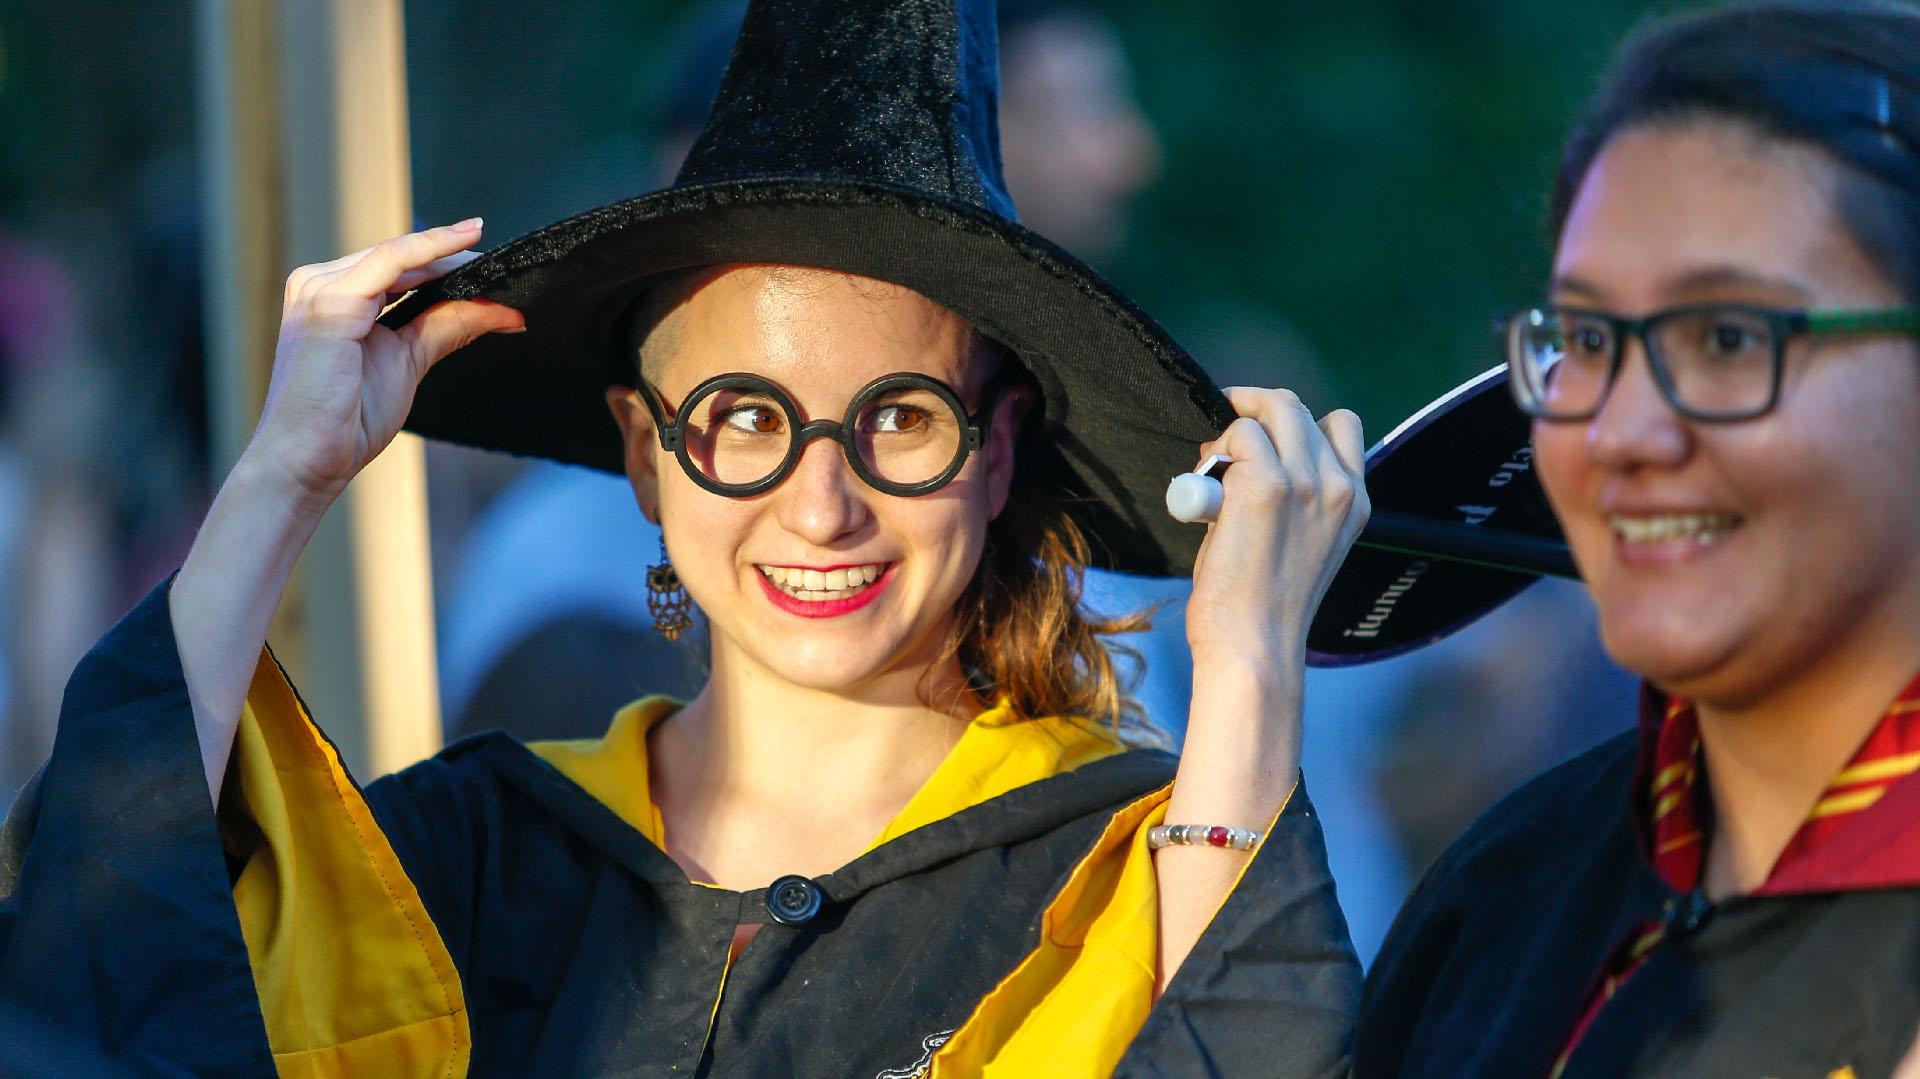 Largas colas para poder disfrutar de la cabina de fotos donde se podían elegir distintas ubicaciones relacionadas con Hogwarts y elementos como sombreros, anteojos, entre otros para acompañar la captura